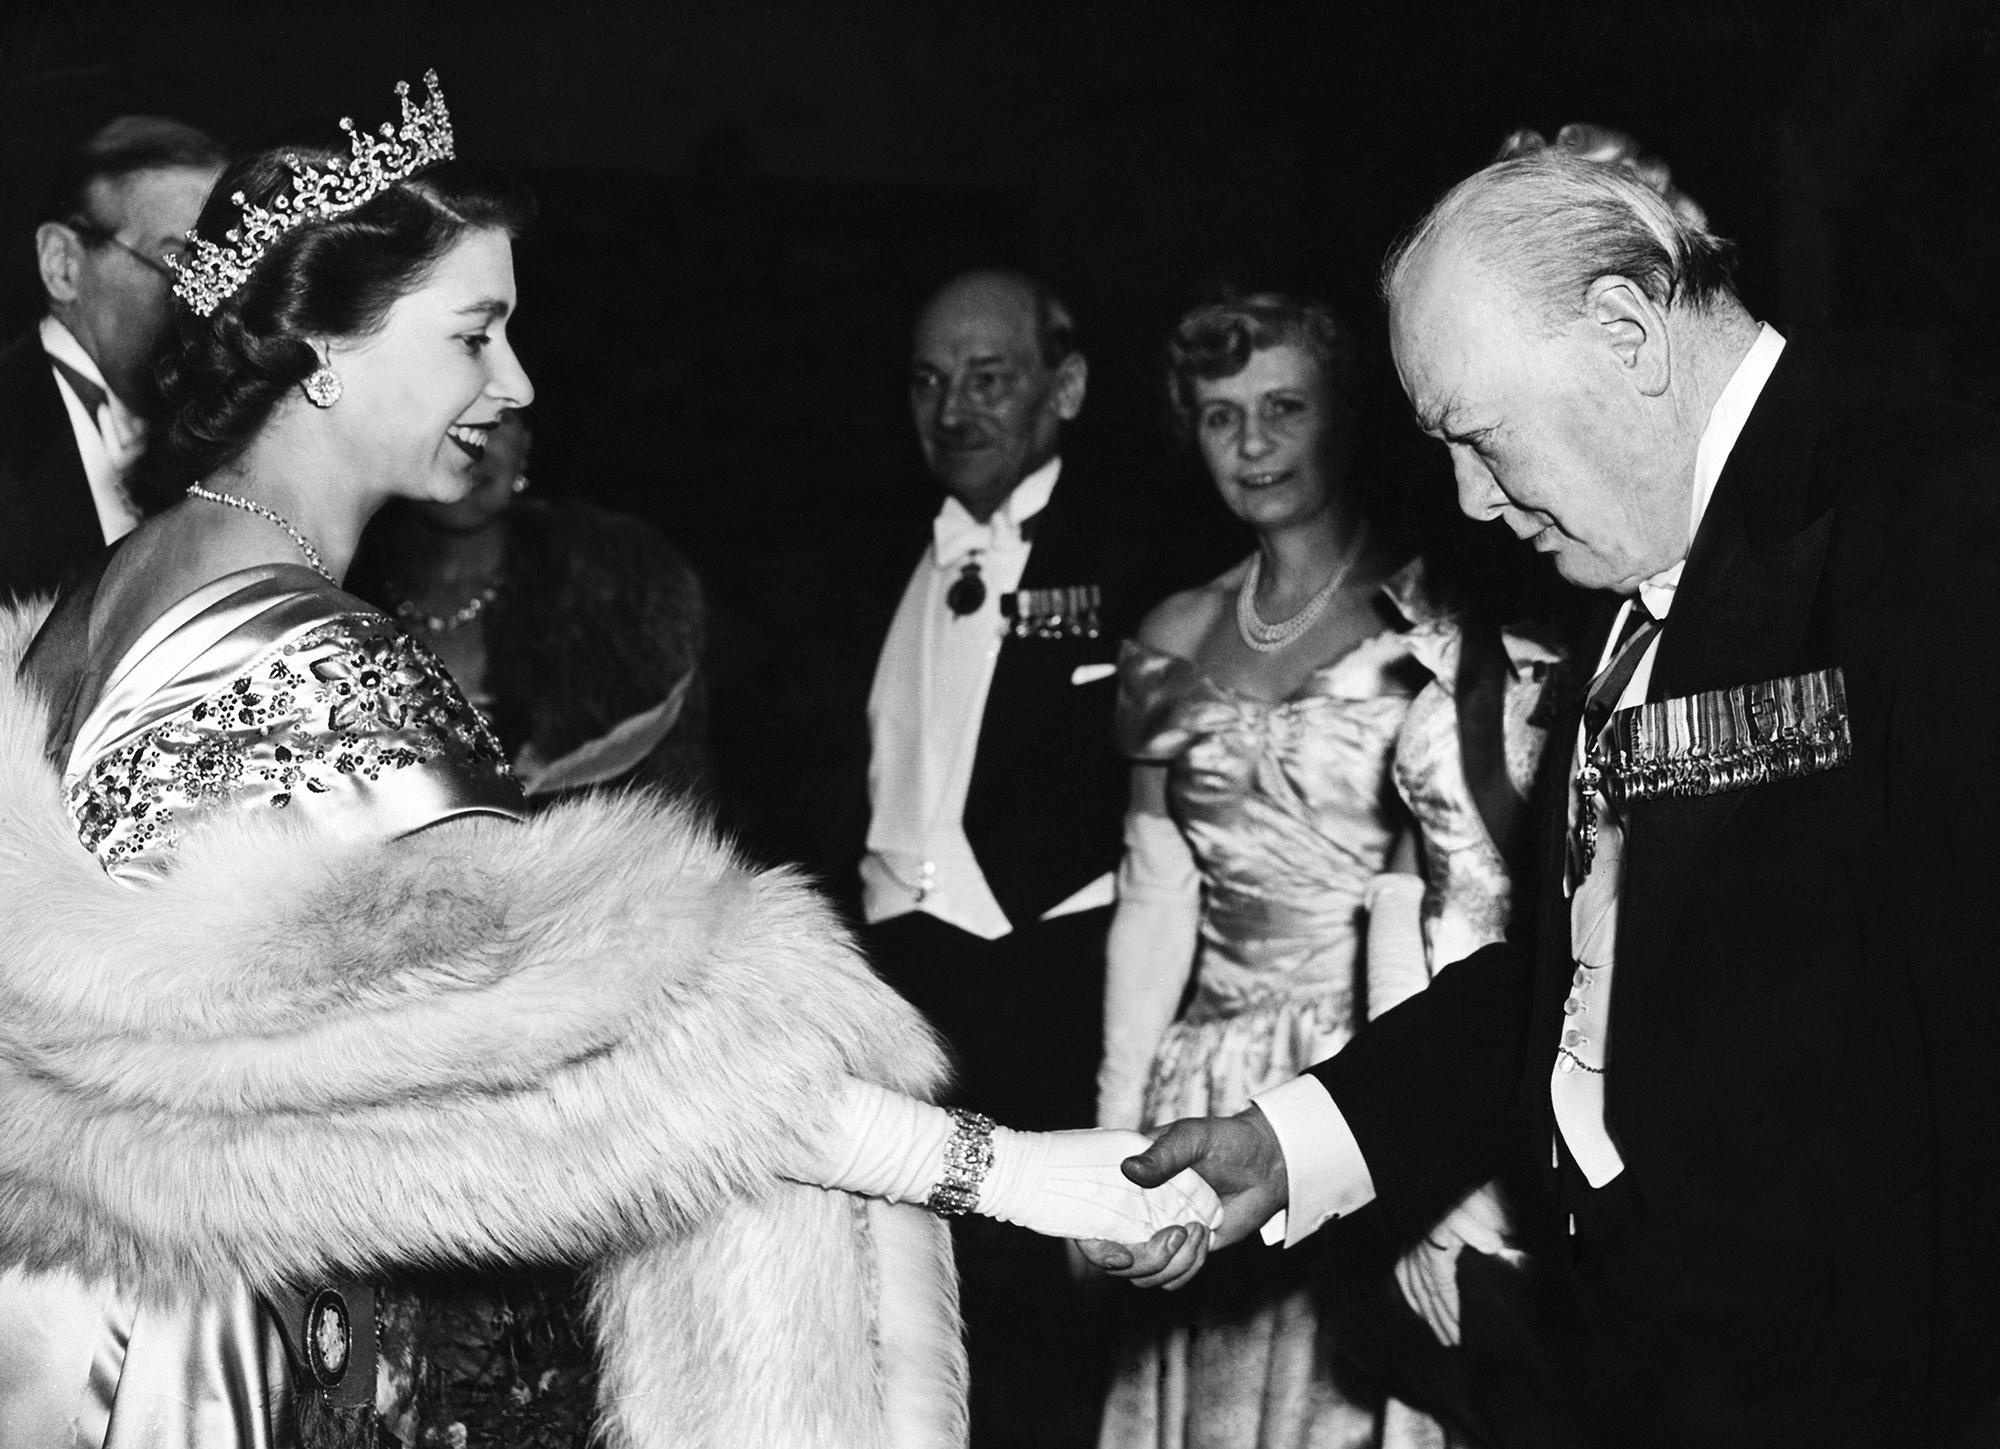 Принцесса Елизавета иУинстон Черчилль, март 1950 года